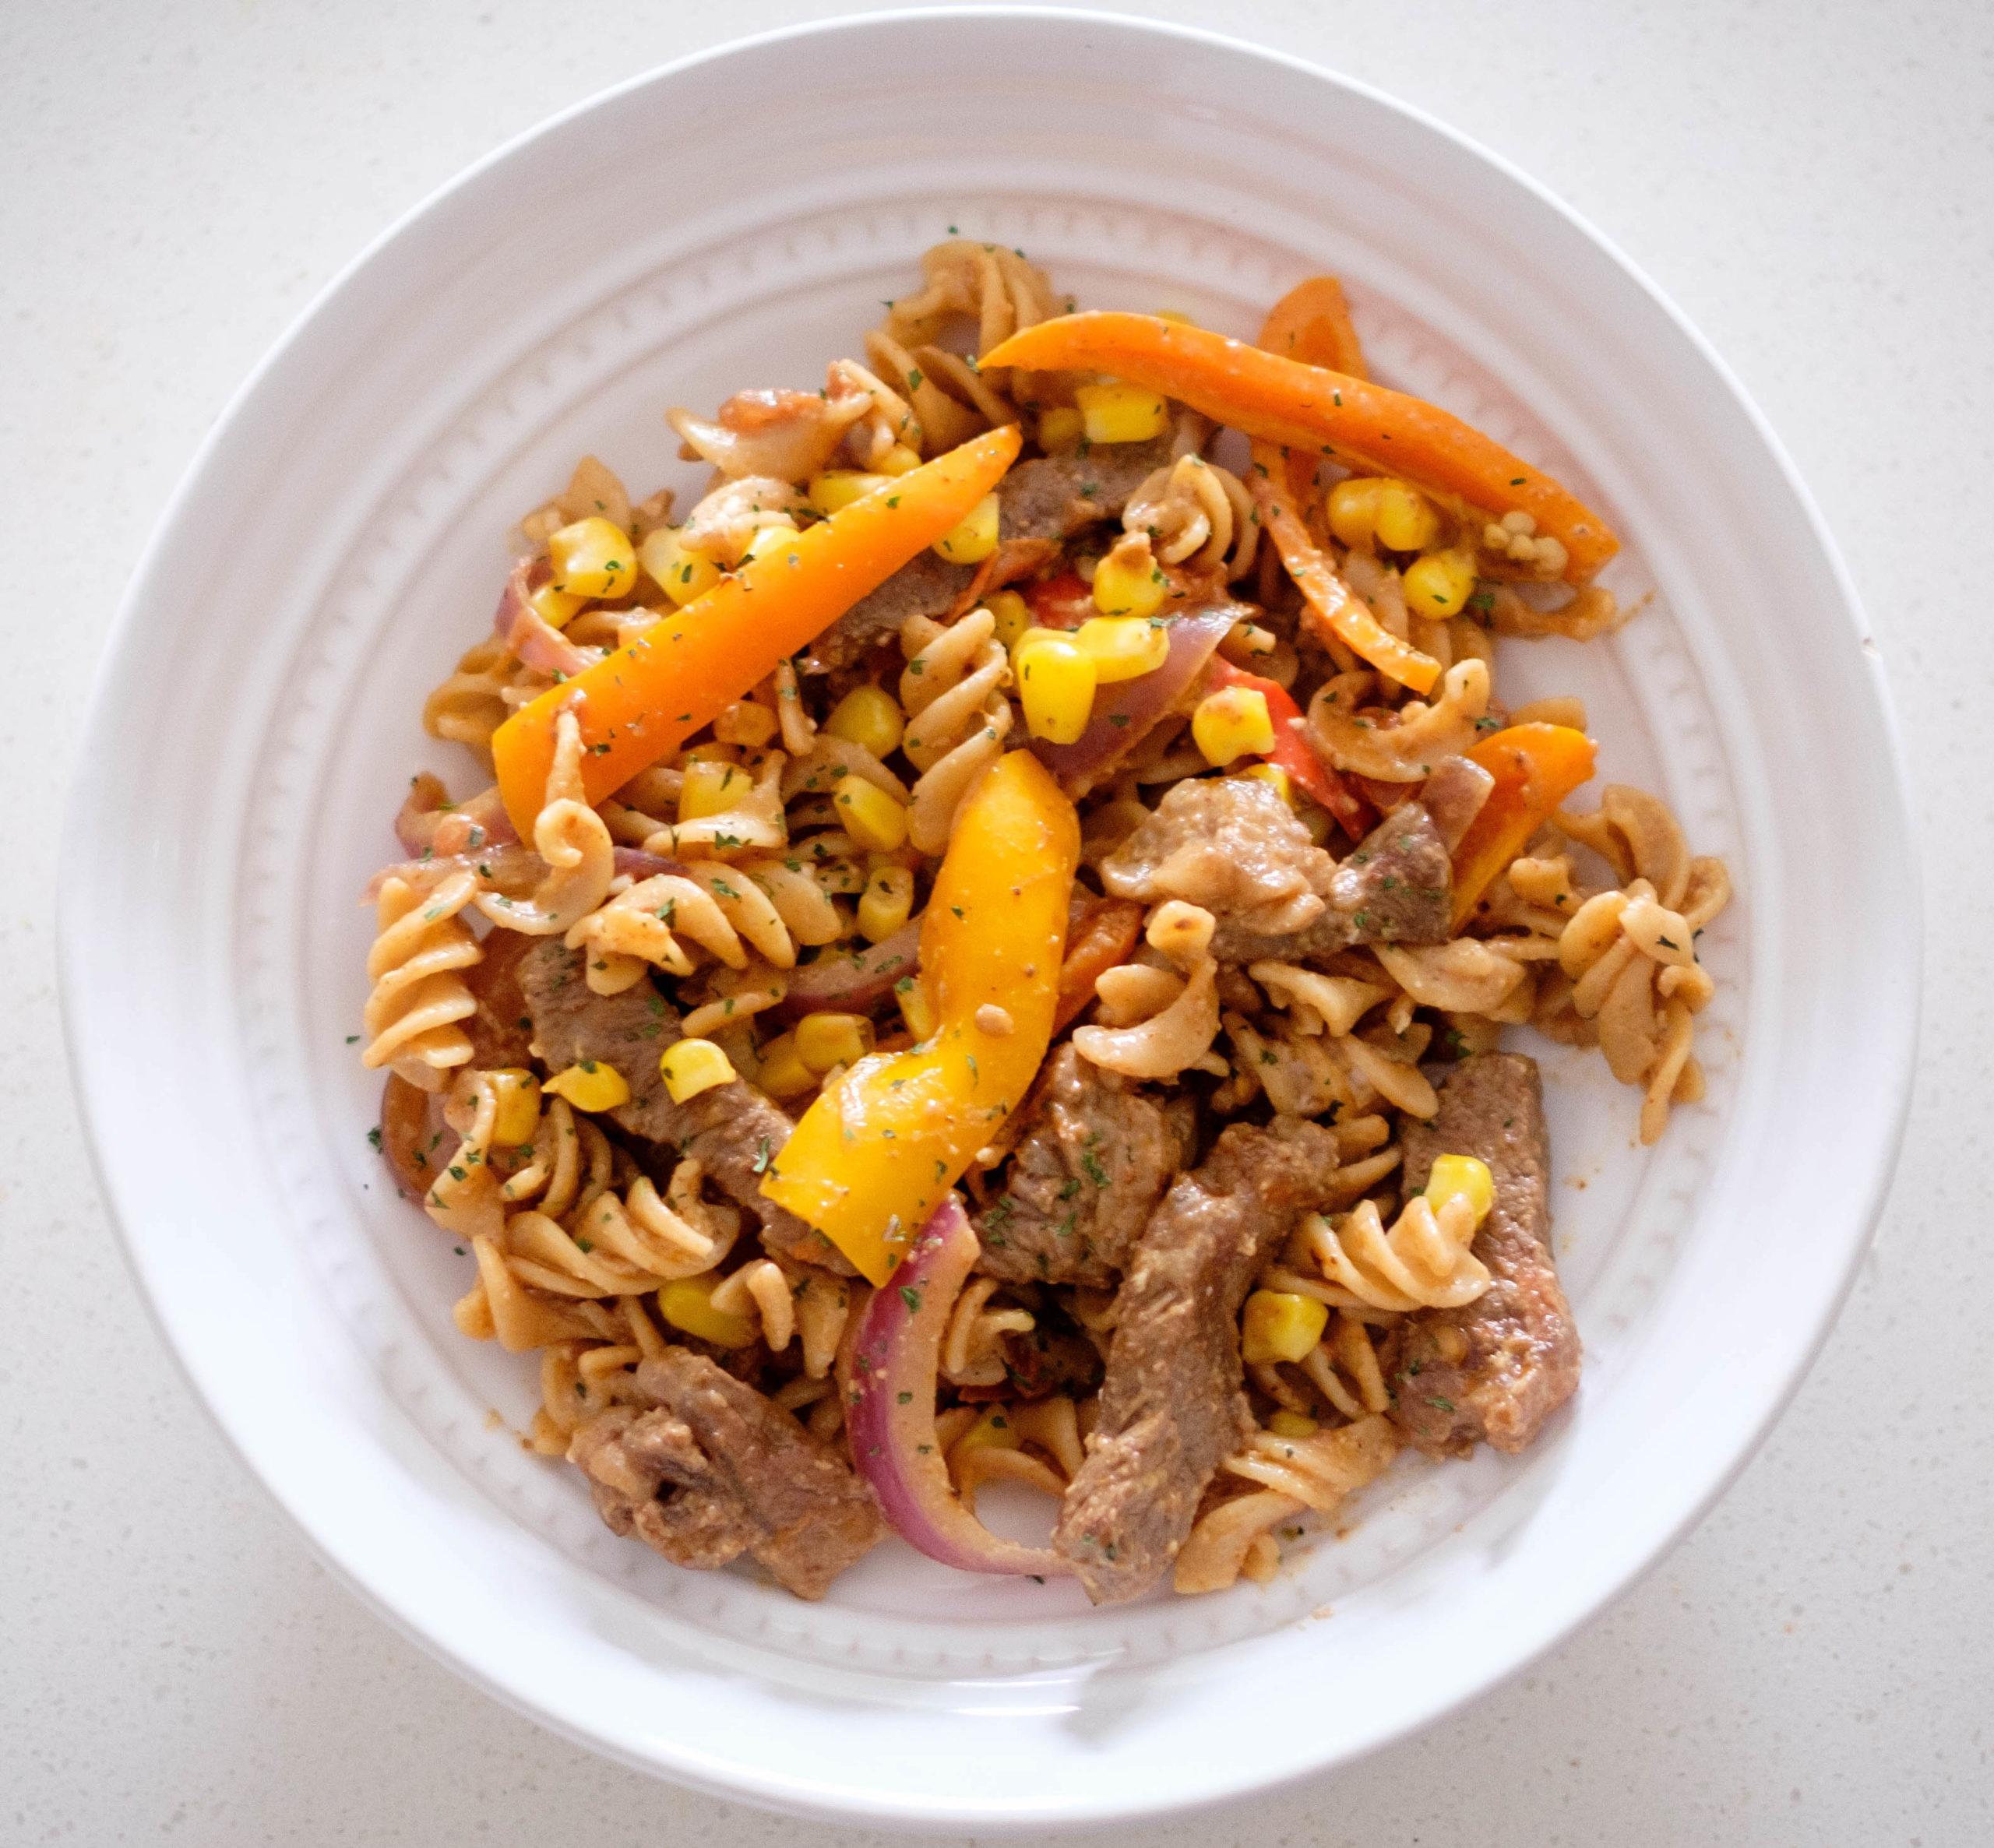 Beef fajita pasta